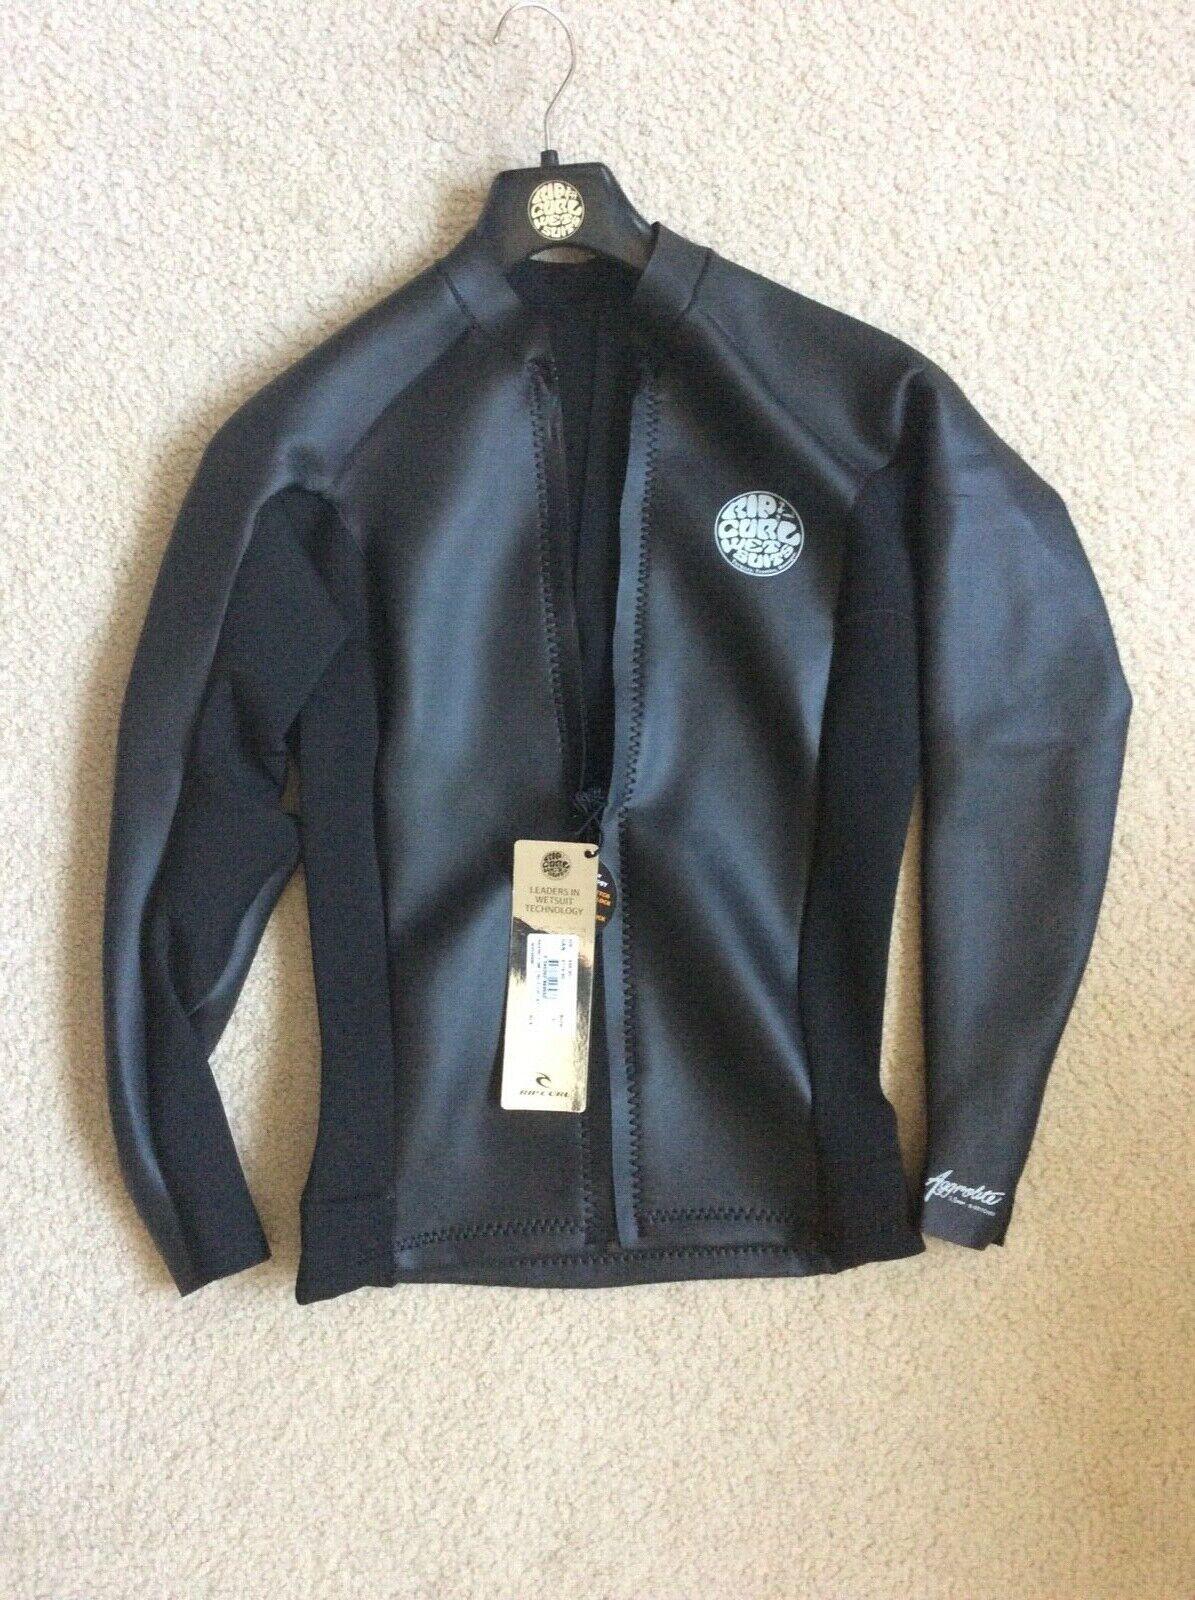 Rip Curl Aggrolite Men's Wetsuit 1.5mm L/SL F/ Zip Neopren